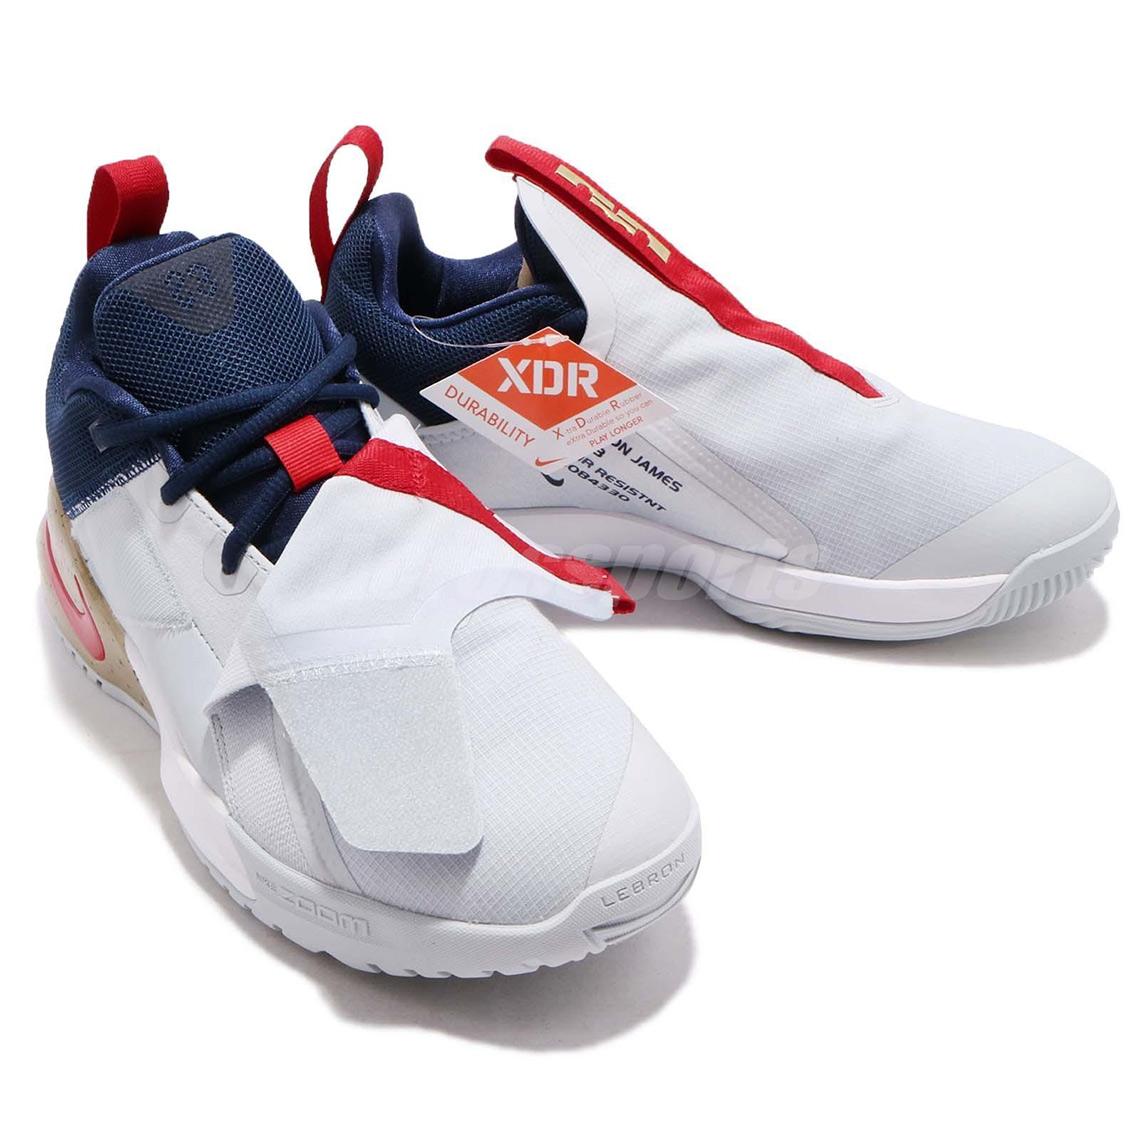 d299bf5de34 Nike LeBron Ambassador 11 AO2920-002 Photos + Release Info ...